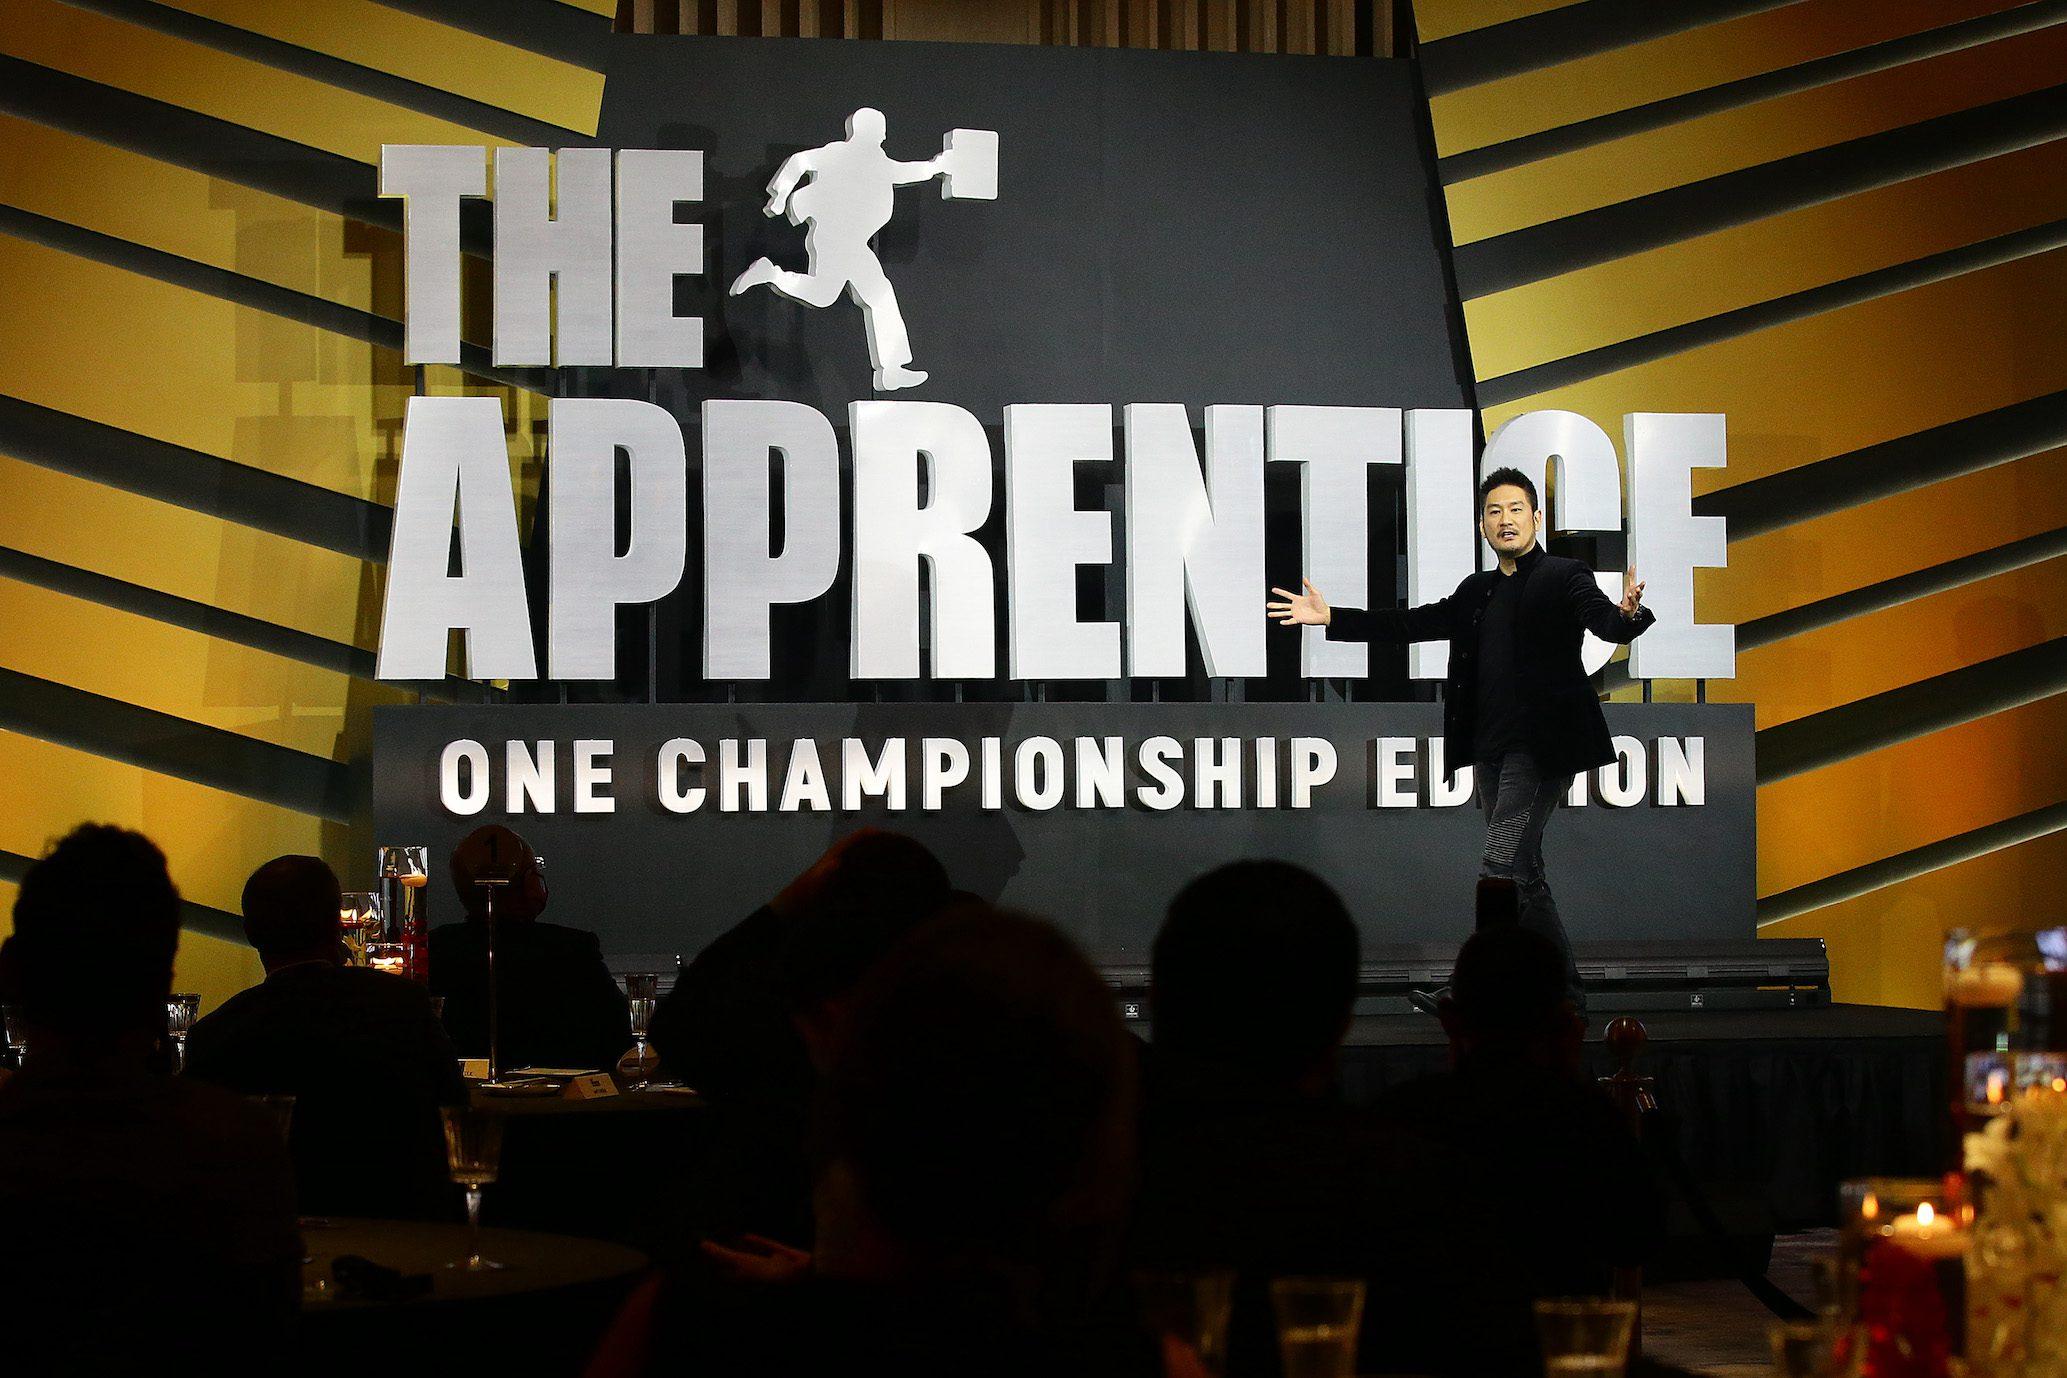 """สุดอลังการ! งานพรมแดง """"The Apprentice: ONE Championship Edition"""" รอบปฐมทัศน์"""